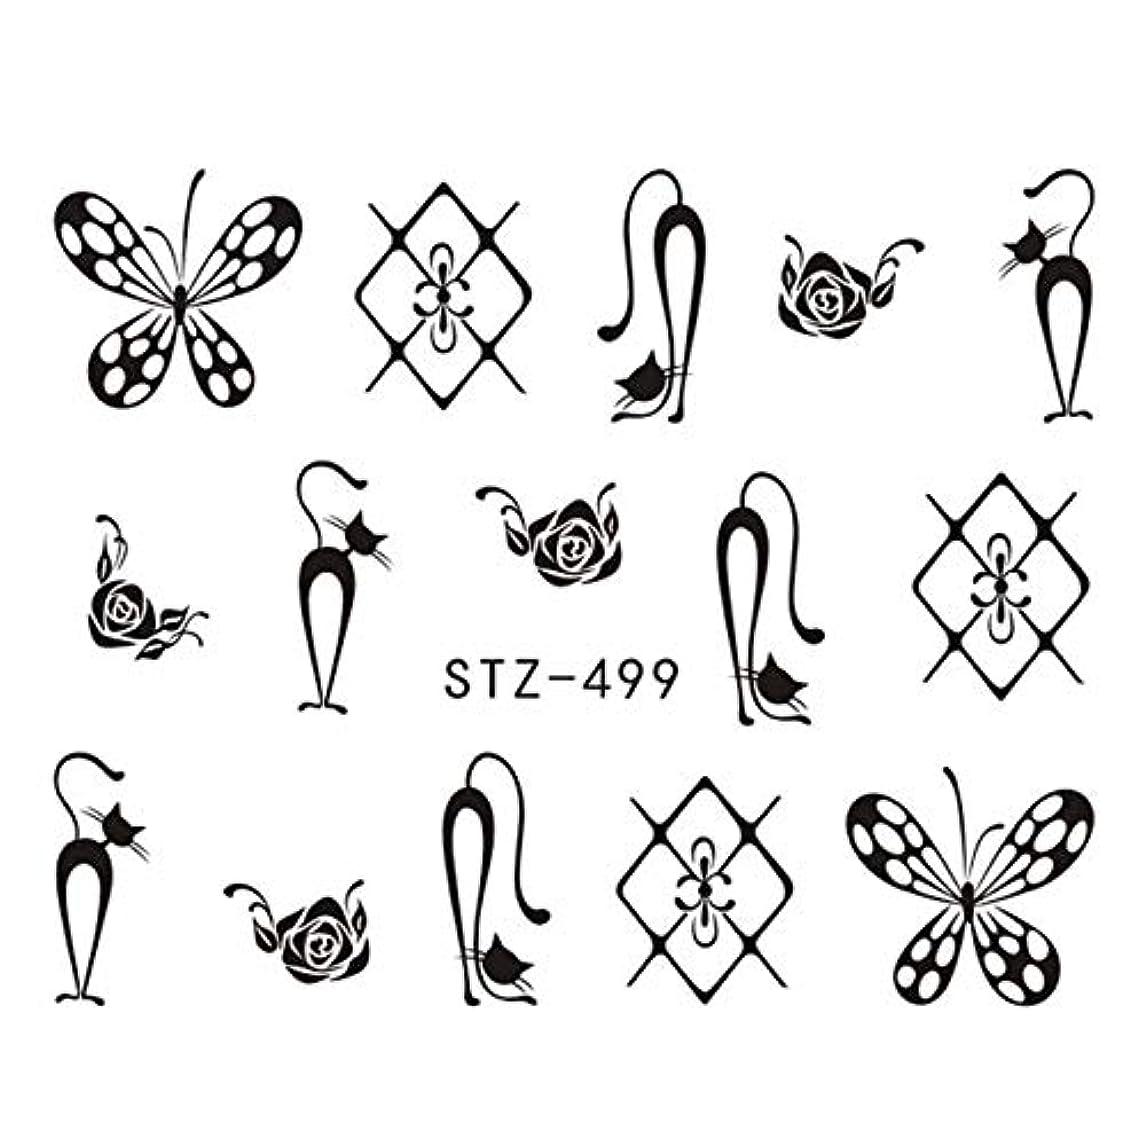 第九ボリューム保全SUKTI&XIAO ネイルステッカー 1ピース新しいエレガントなdiyクリエイティブラップステッカー用3dネイルアートデカールネックレスブラック/ホワイトレースパターン装飾マニキュア